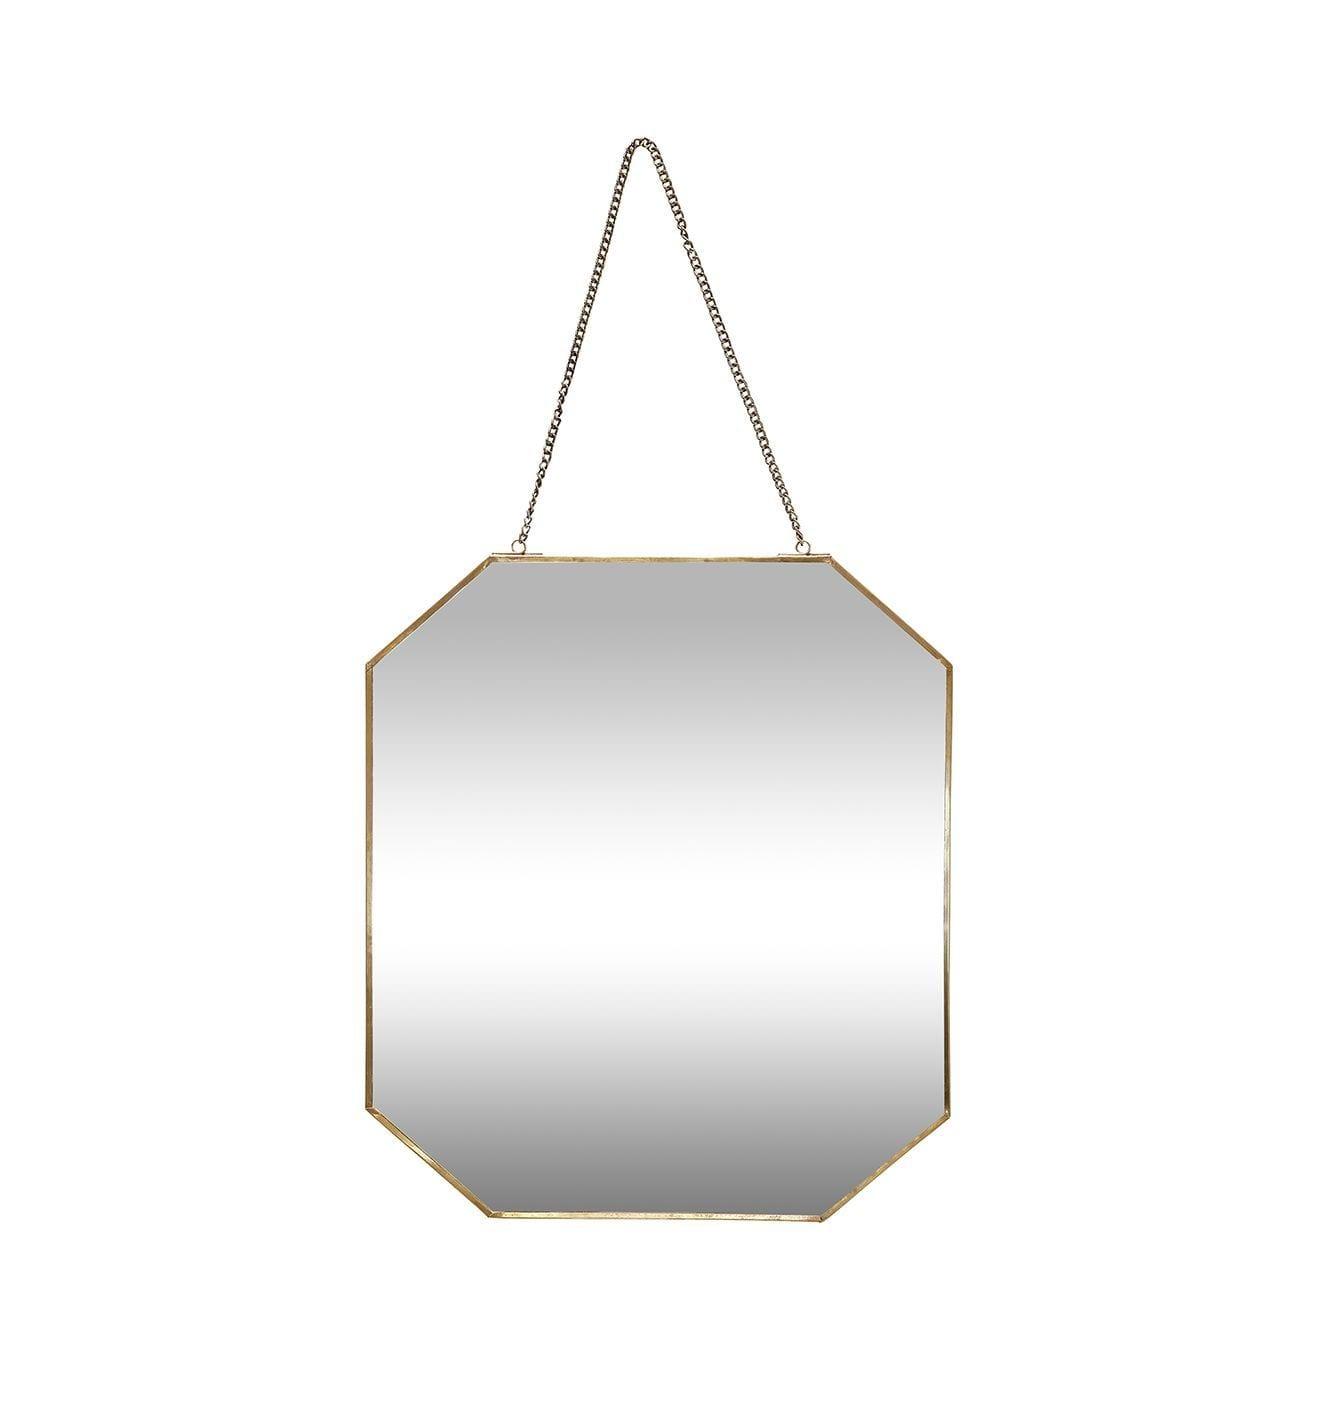 Miroir losange cuivr songes page 1 for Miroir octogonal